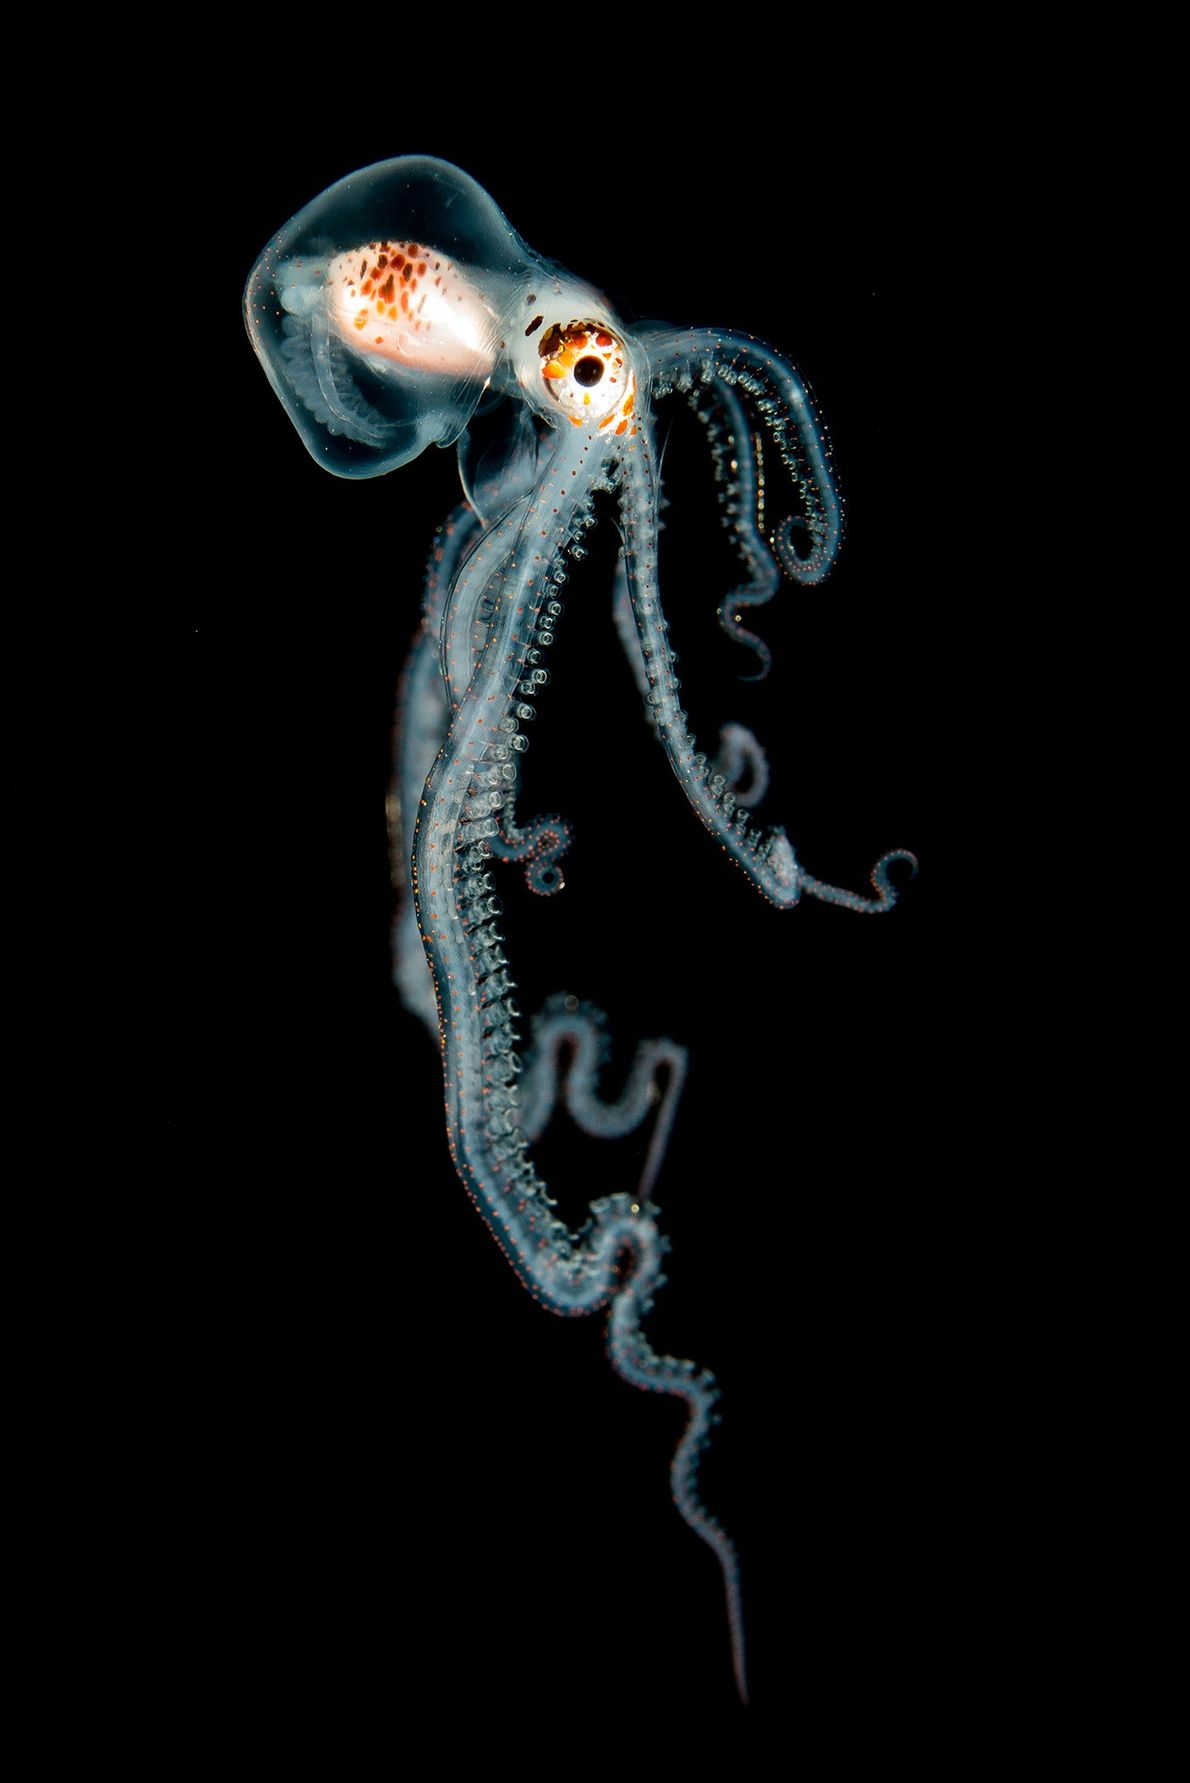 Une pieuvre dimorphe dans la nuit